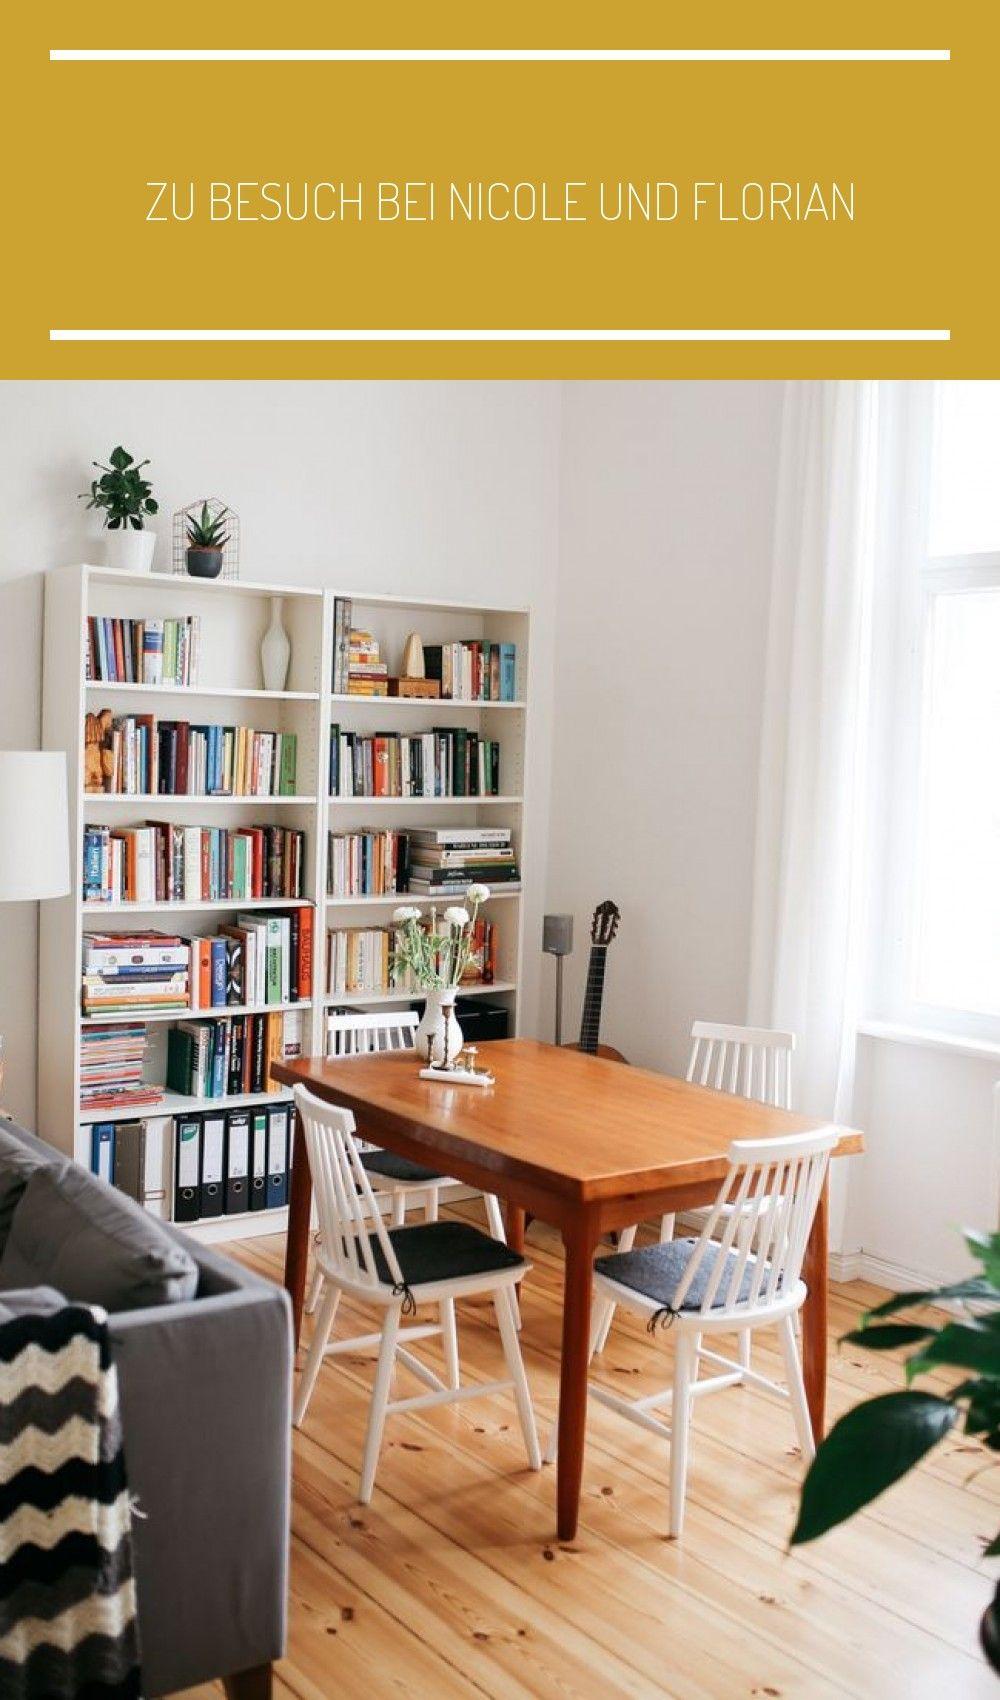 Zu Besuch Bei Nicole Und Flori In 2020 Living Room Dining Room Combo Dining Room Combo Living Dining Room